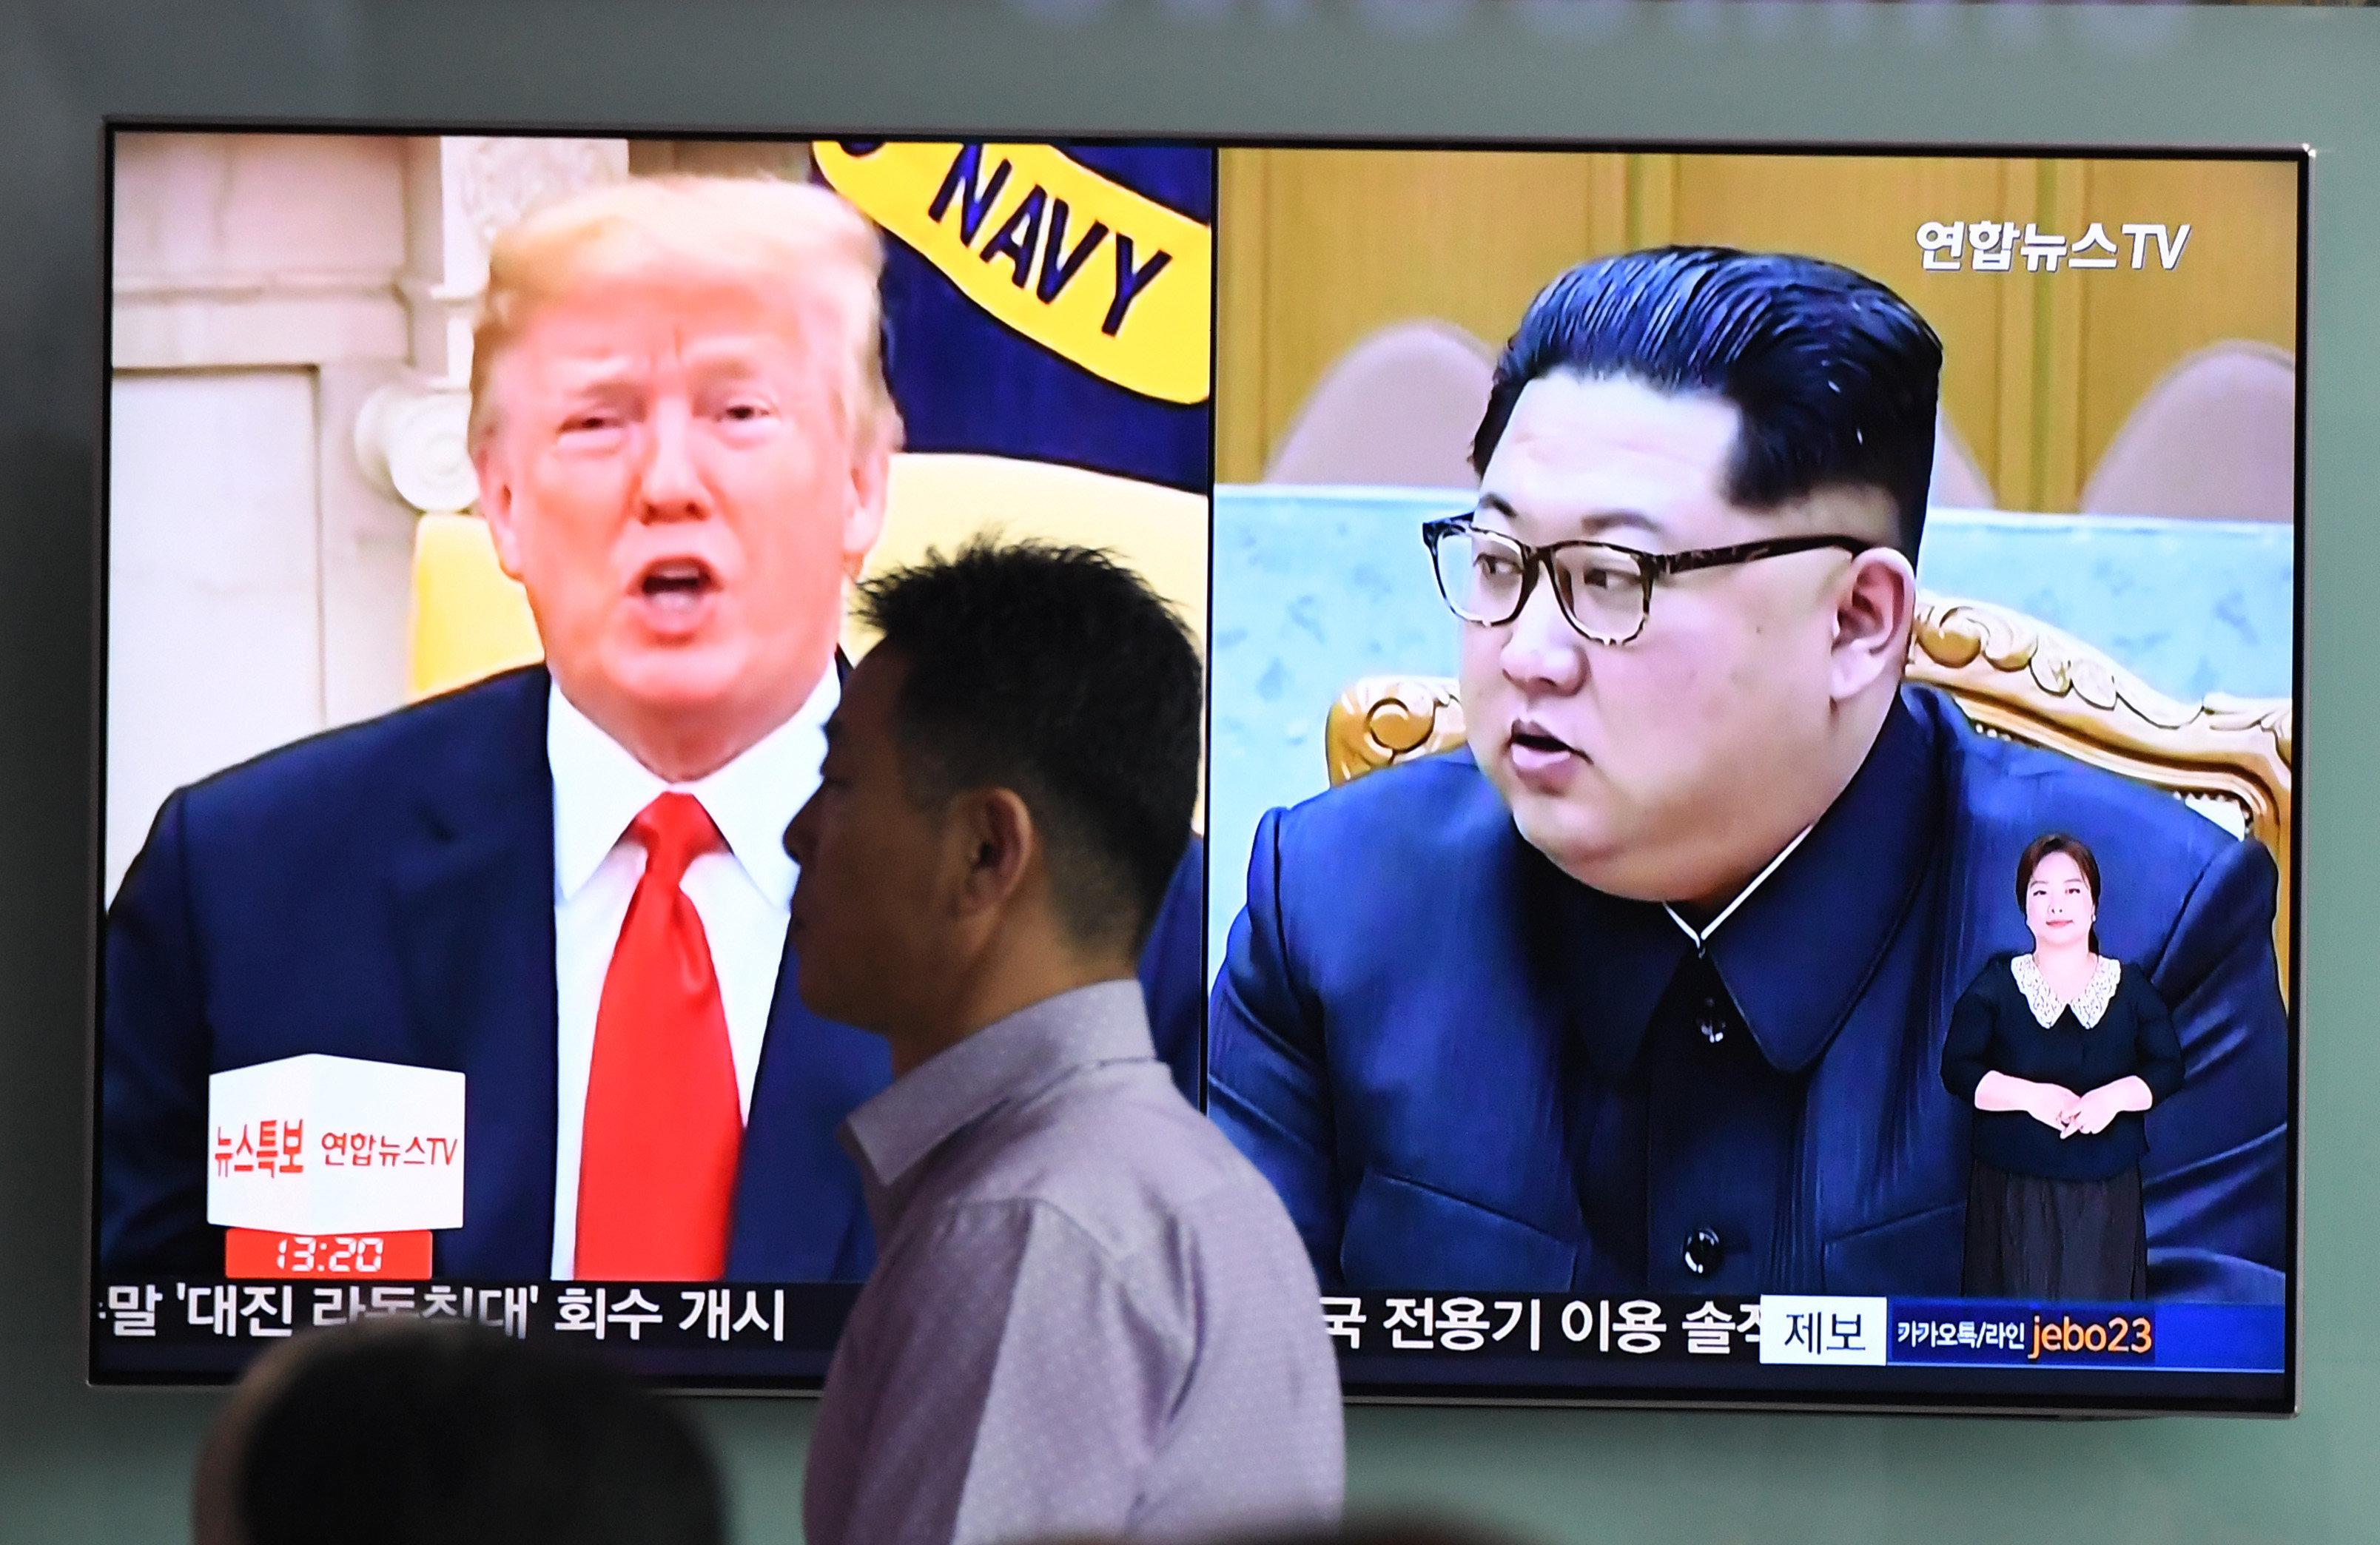 Ντόναλντ Τραμπ - Κιμ Γιονγκ Ουν: Η έλξη των